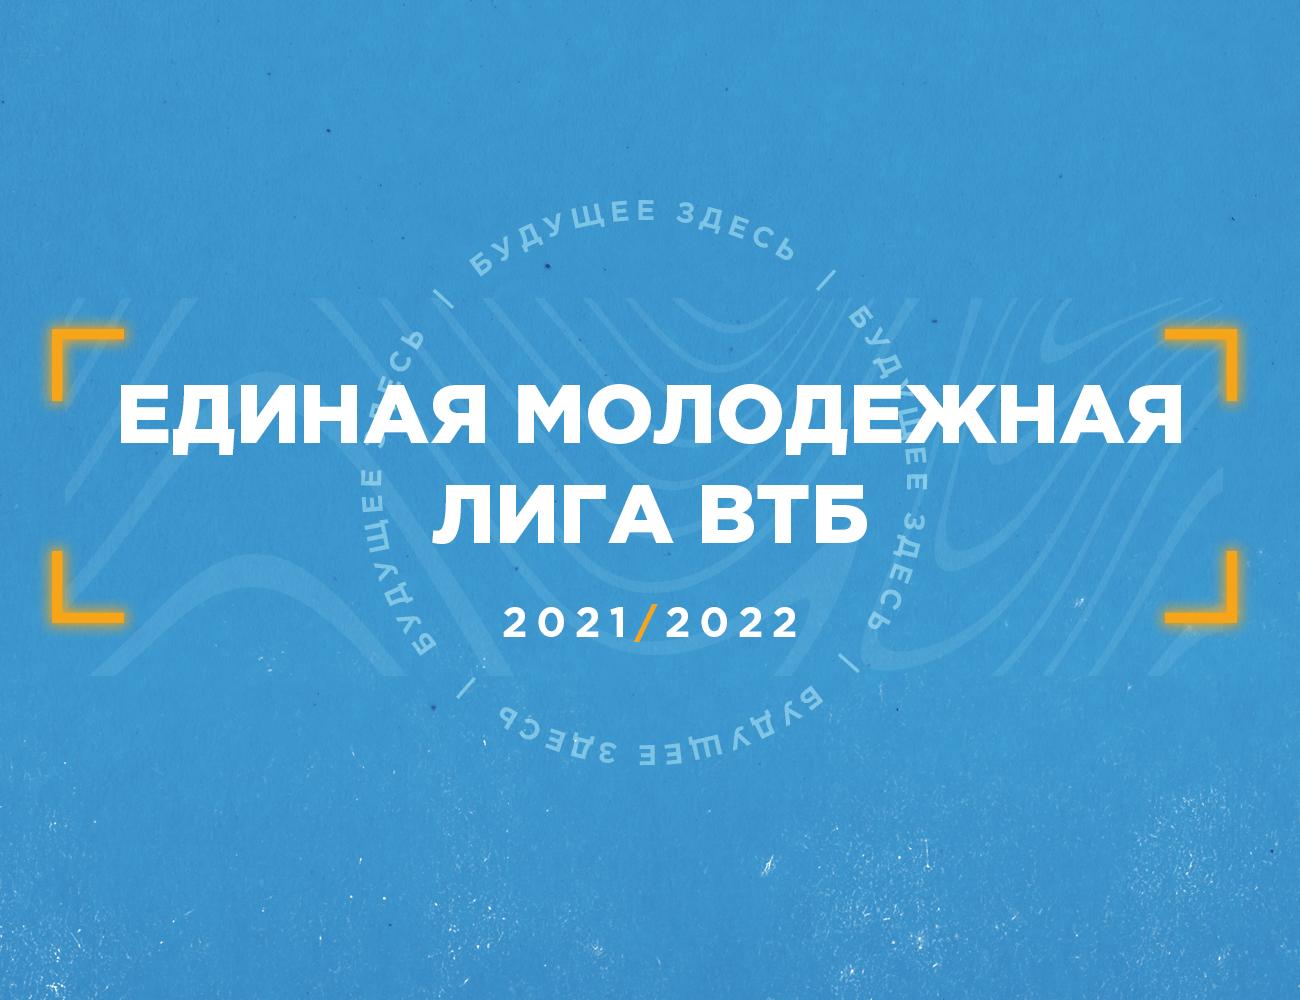 В новом сезоне молодежной Лиги ВТБ примут участие 12 клубов